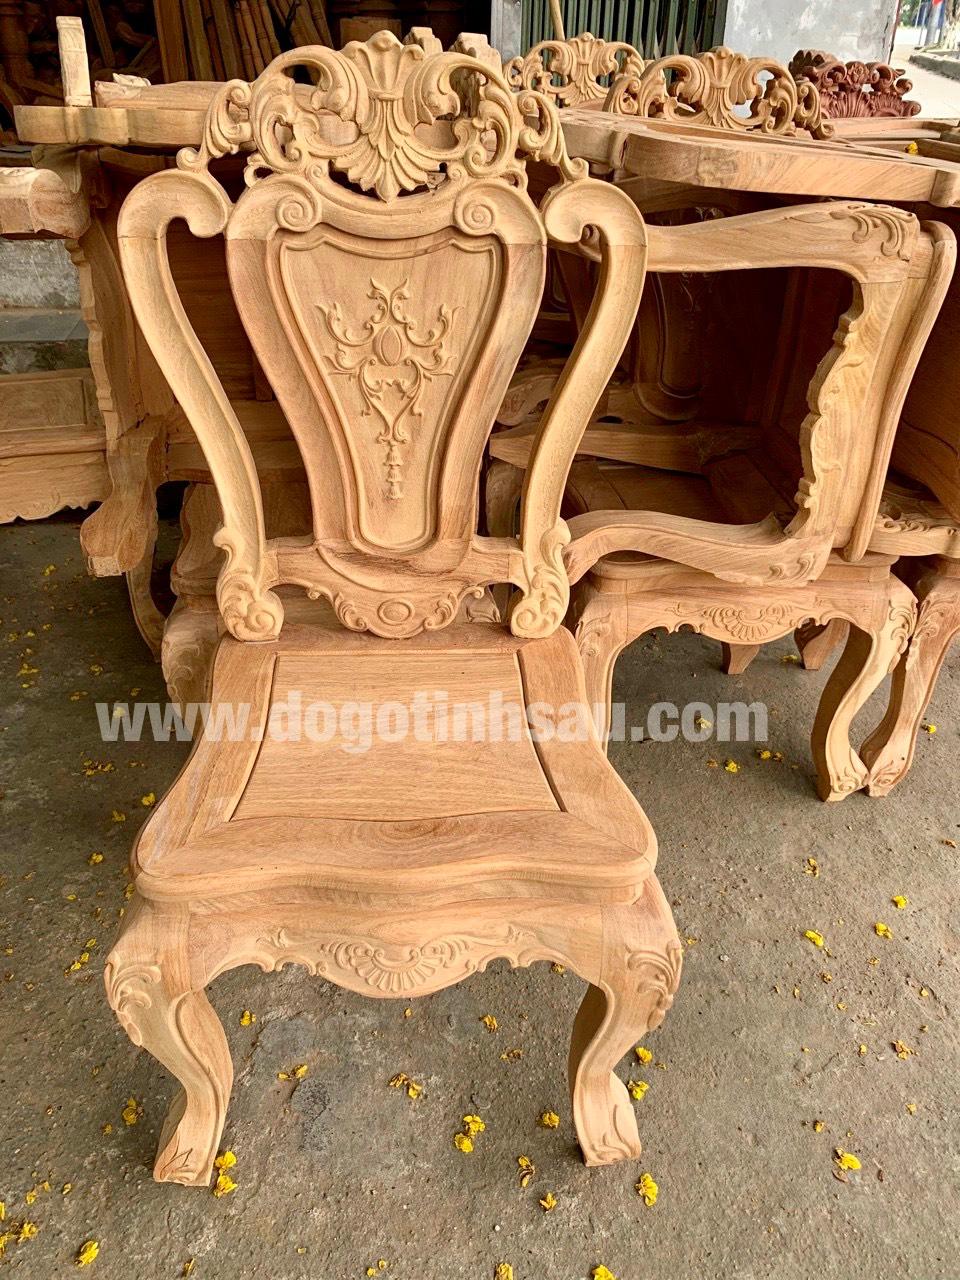 mau ghe an go go do 15 - 5 Lý do để mẫu bàn ghế ăn gỗ gõ đỏ ngày càng được ưa chuộng trên thị trường